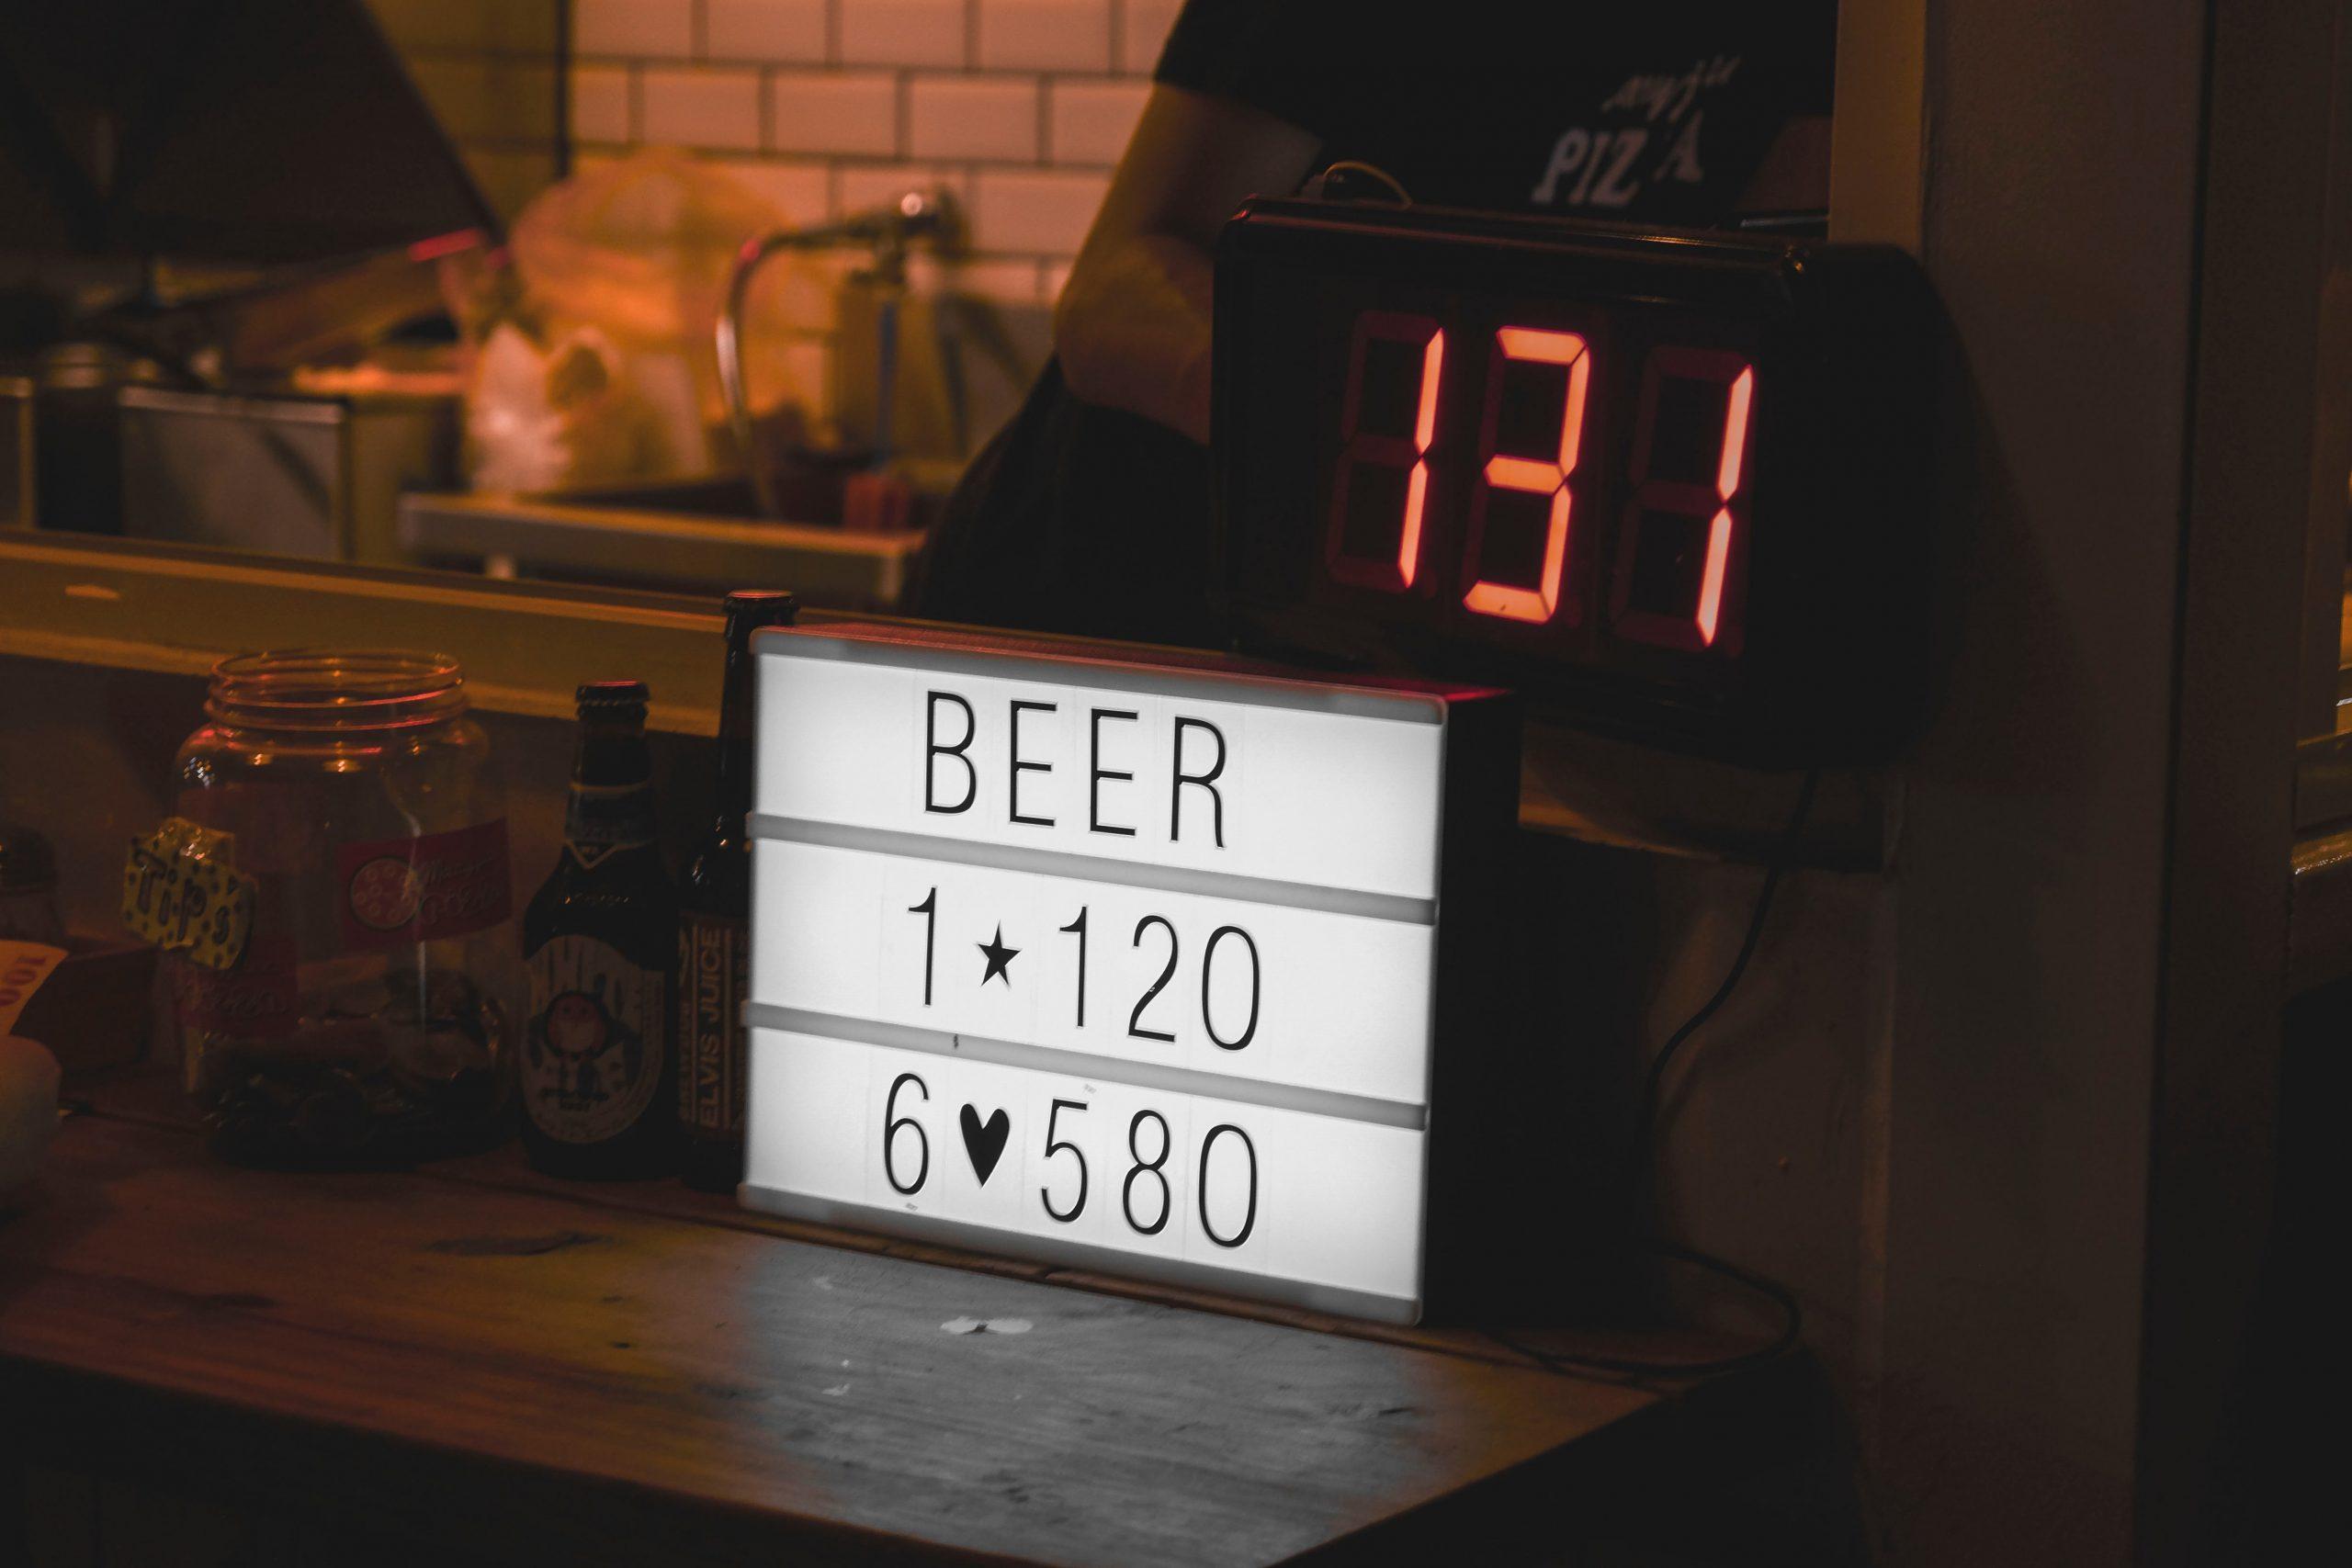 Bancada de uma cozinha com um rádio relógio ligado, marcando a hora, além de outros itens como letreiro decorativo em LED, garrafas e um pote de vidro.